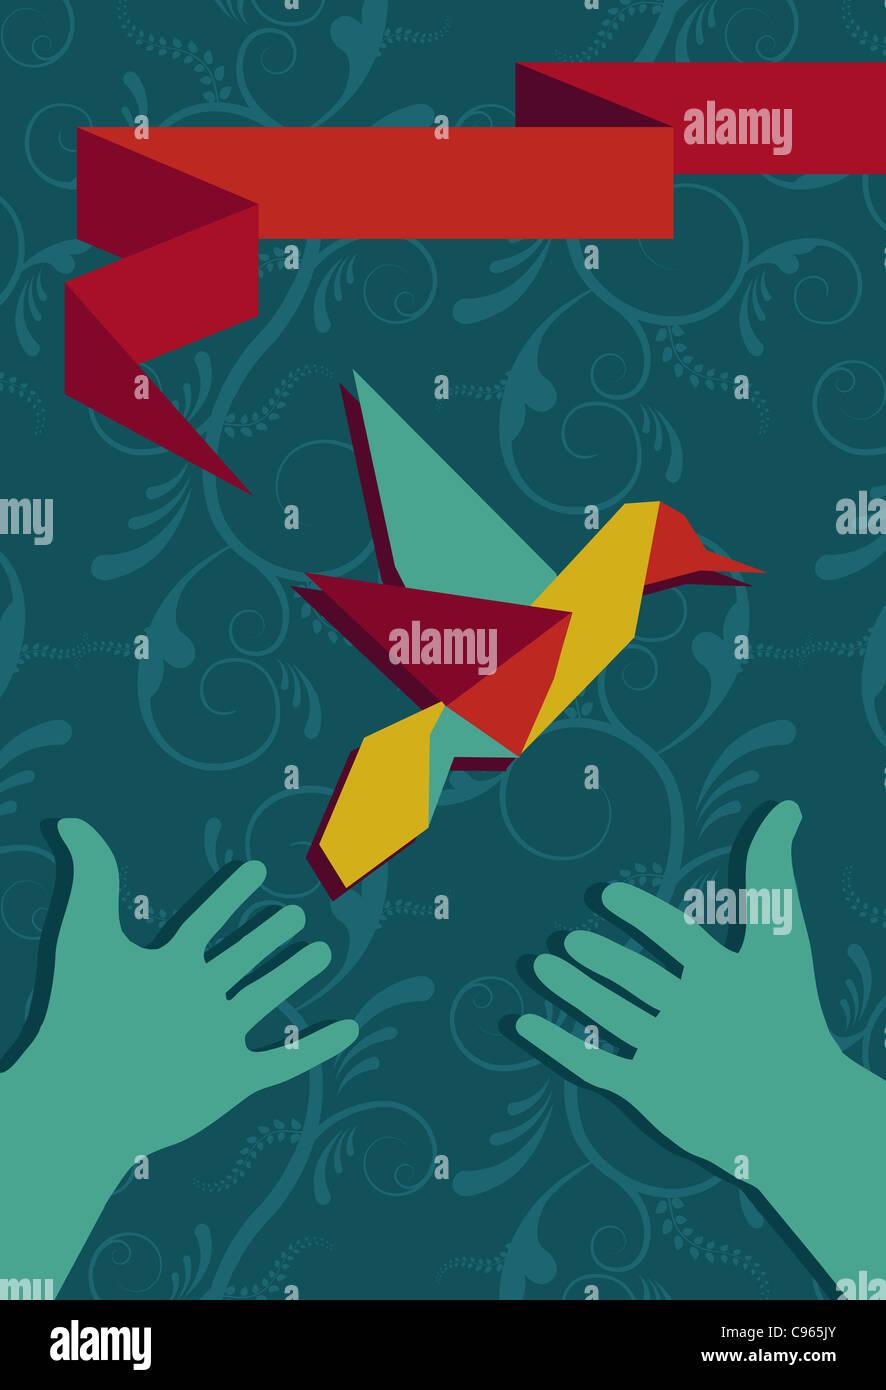 Origami-Kolibri-Grußkarte und schützende Hände im Porträt Zusammensetzung. Vektor-Datei zur Stockbild